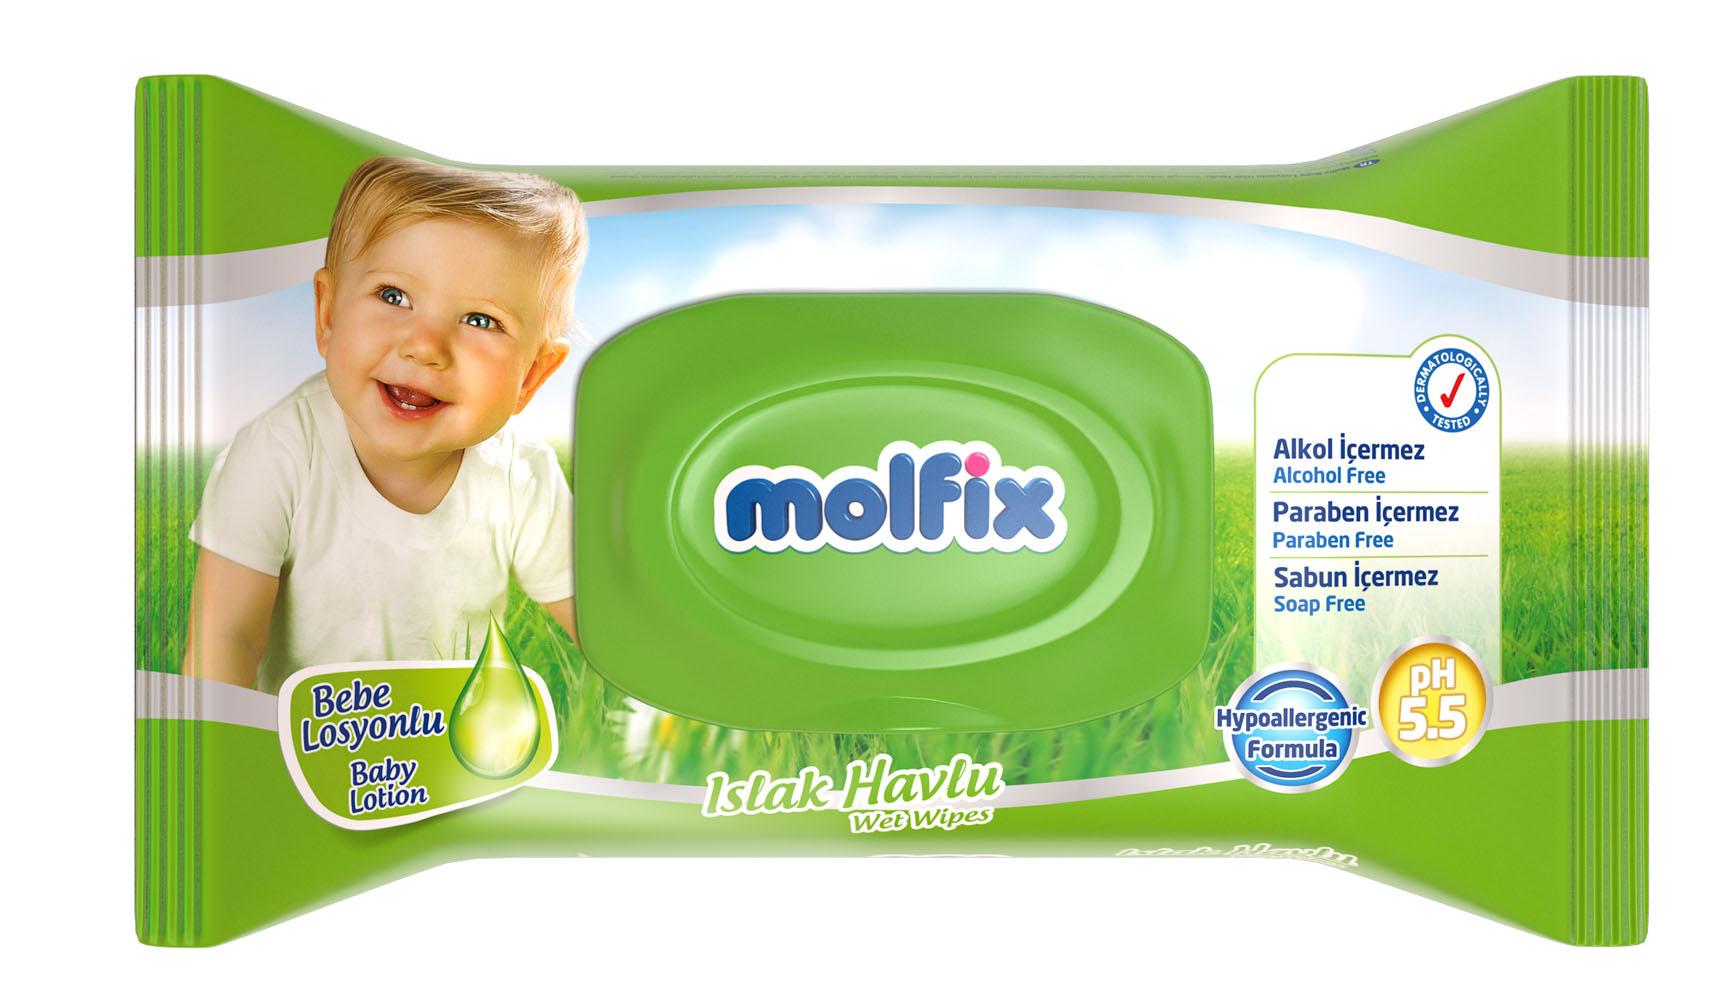 Molfix Влажные детские салфетки, с лосьоном, 63 шт15595Особенности: • Нежно очищают чувствительную кожу малыша благодаря мягкой текстуре; • Влажные детские салфетки Molfix могут использоваться для очищения ручек, лица, тела и попки малышей; • Не содержат спирта, парабенов и красителей; • Дерматологически протестированы; • Уровень pH 5,5 ; • Произведены в гигиенических условиях, без доступа человеческого труда. Товар сертифицирован. Специальный клапан на упаковке с салфетками, не позволит им высохнуть, и делает их применение многократным.